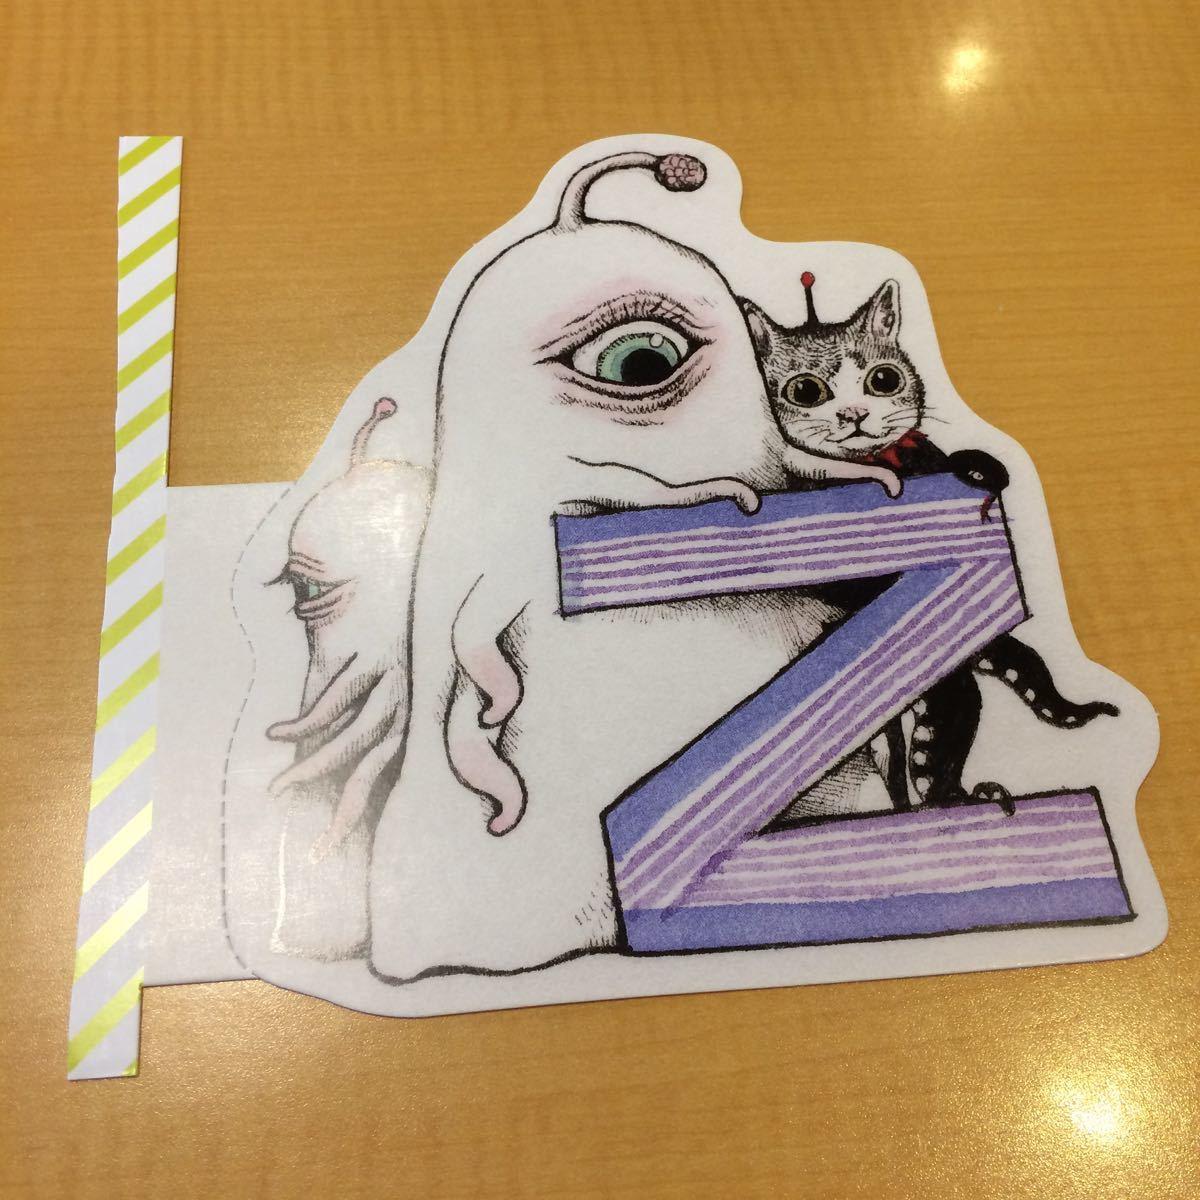 ヒグチユウコ 型抜きポストカード Z アルファベット 葉書 ハガキ はがき メッセージカード ネコ 猫 ねこ 動物 イニシャル_画像1